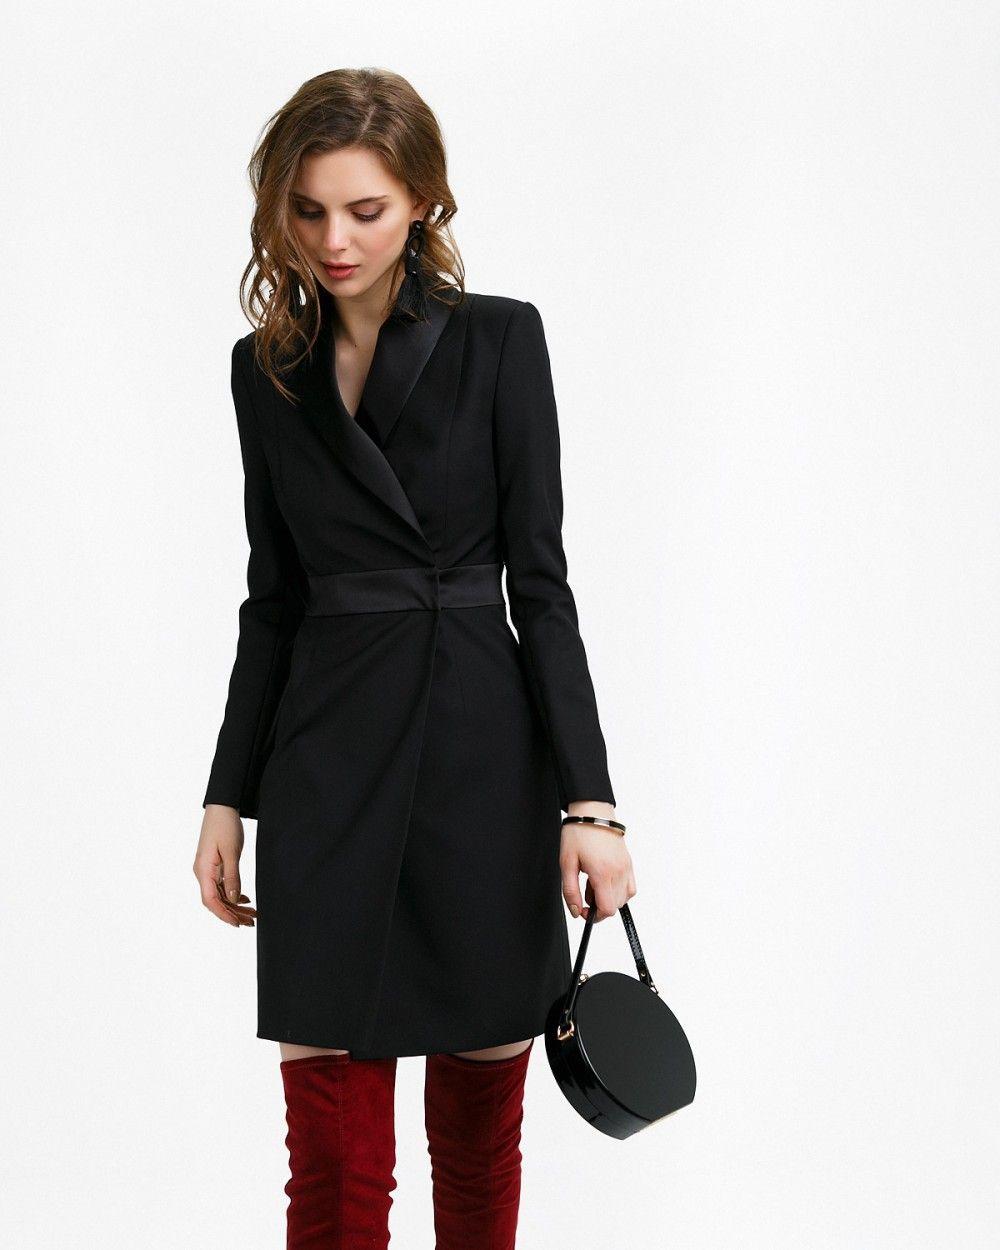 ffdd4d4a439 Платье-пиджак с атласным воротником арт. 181082-10666-5 ...